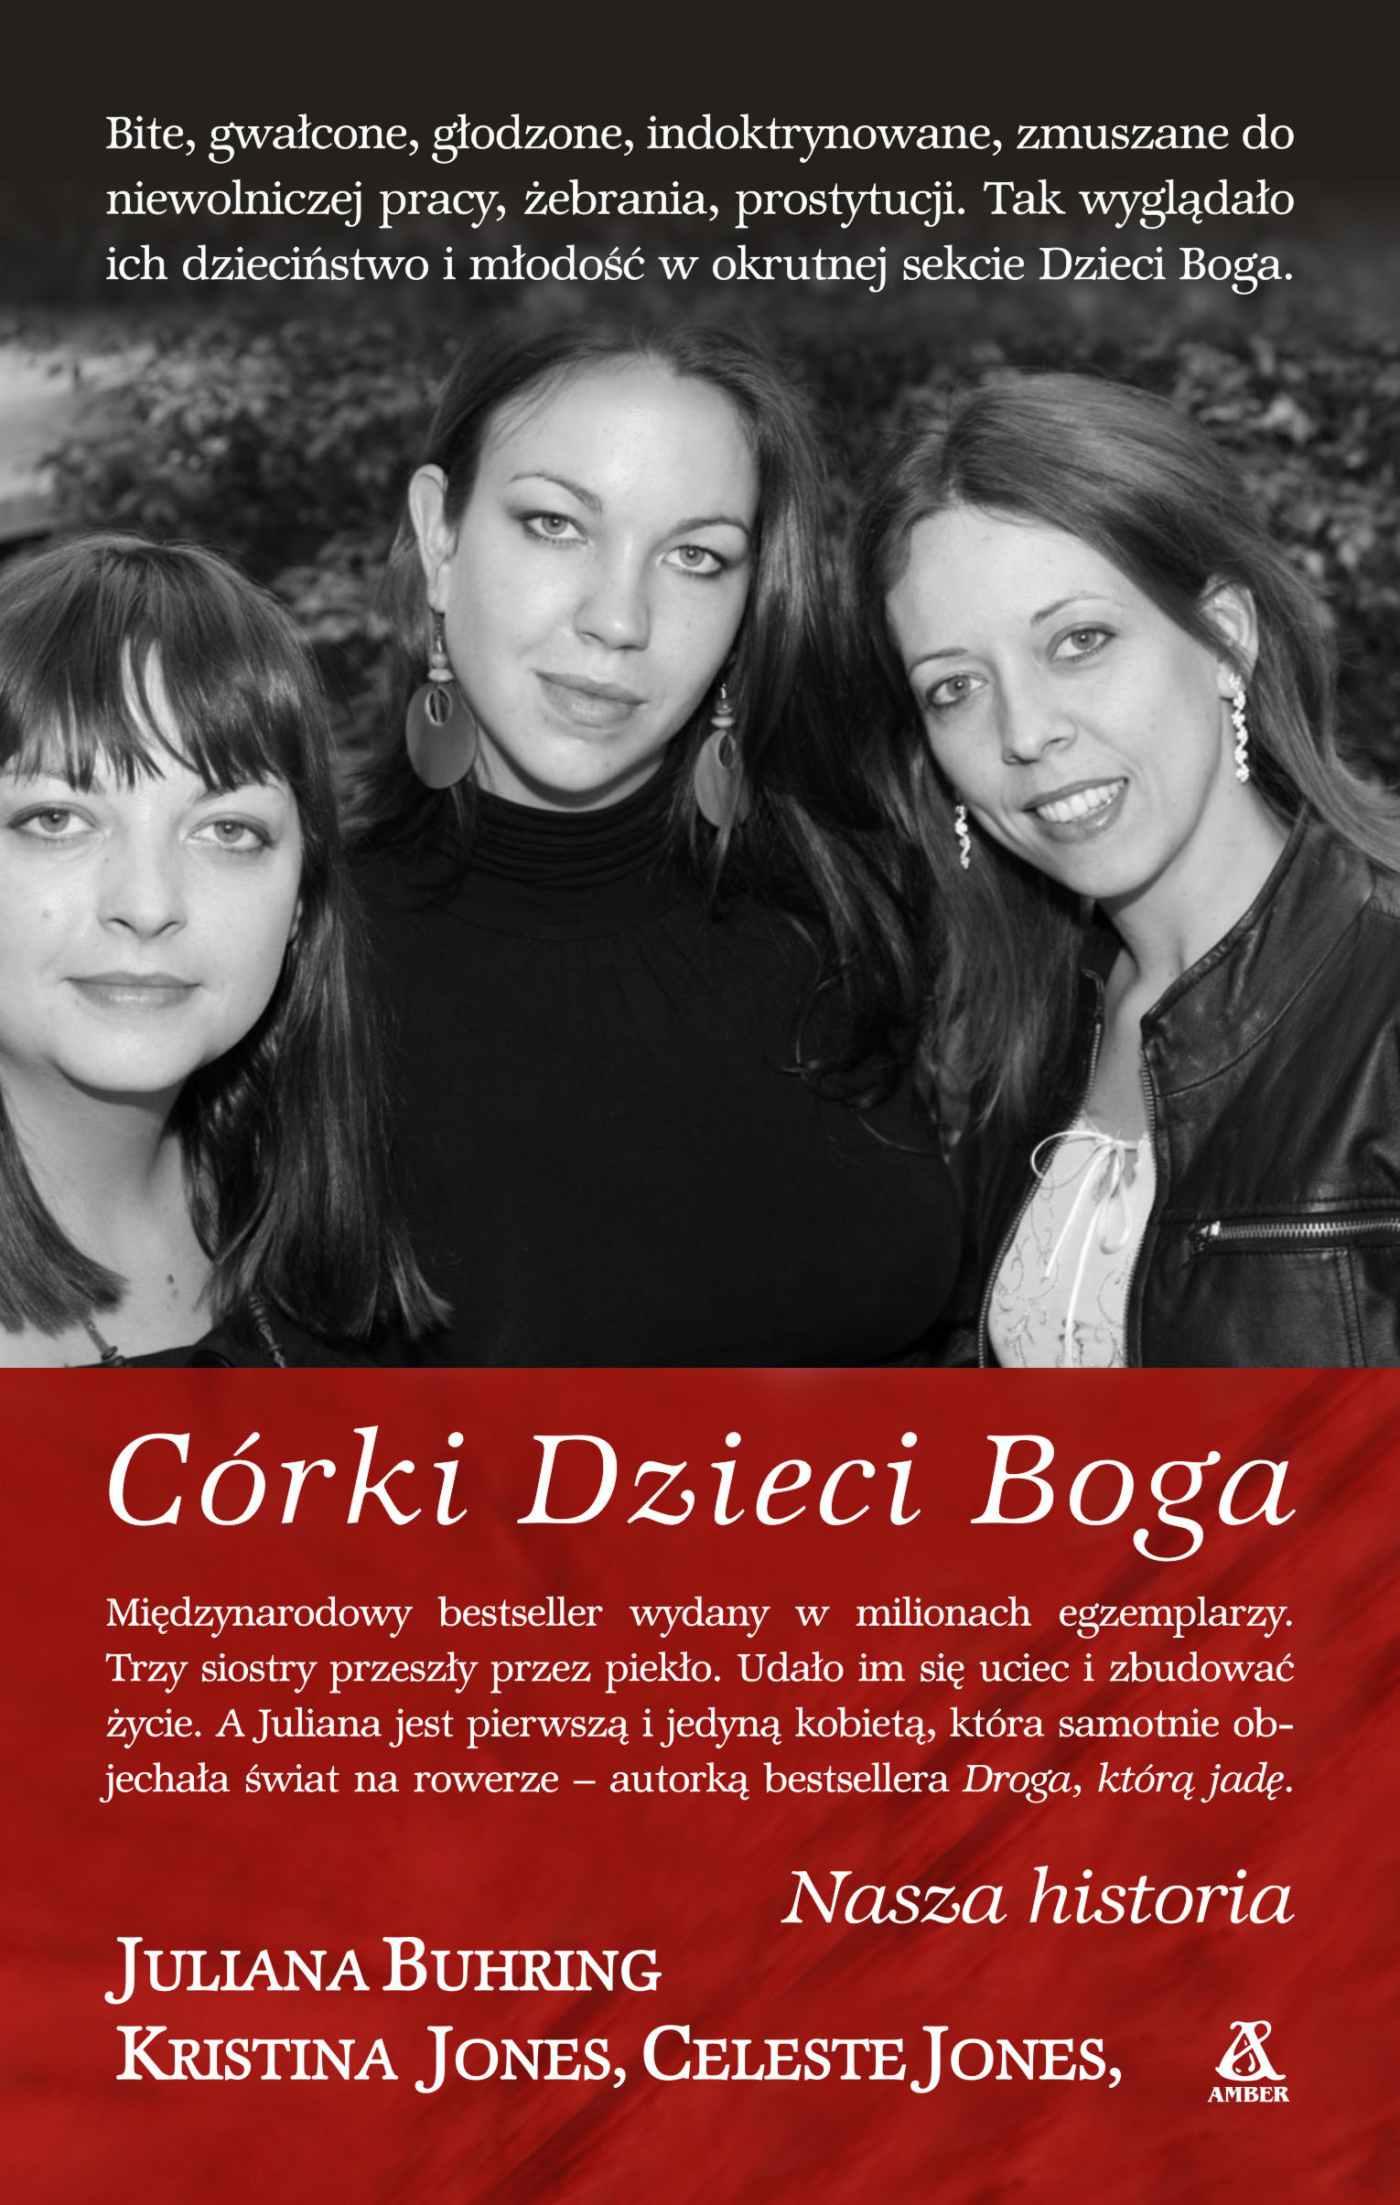 Córki Dzieci Boga - Ebook (Książka EPUB) do pobrania w formacie EPUB